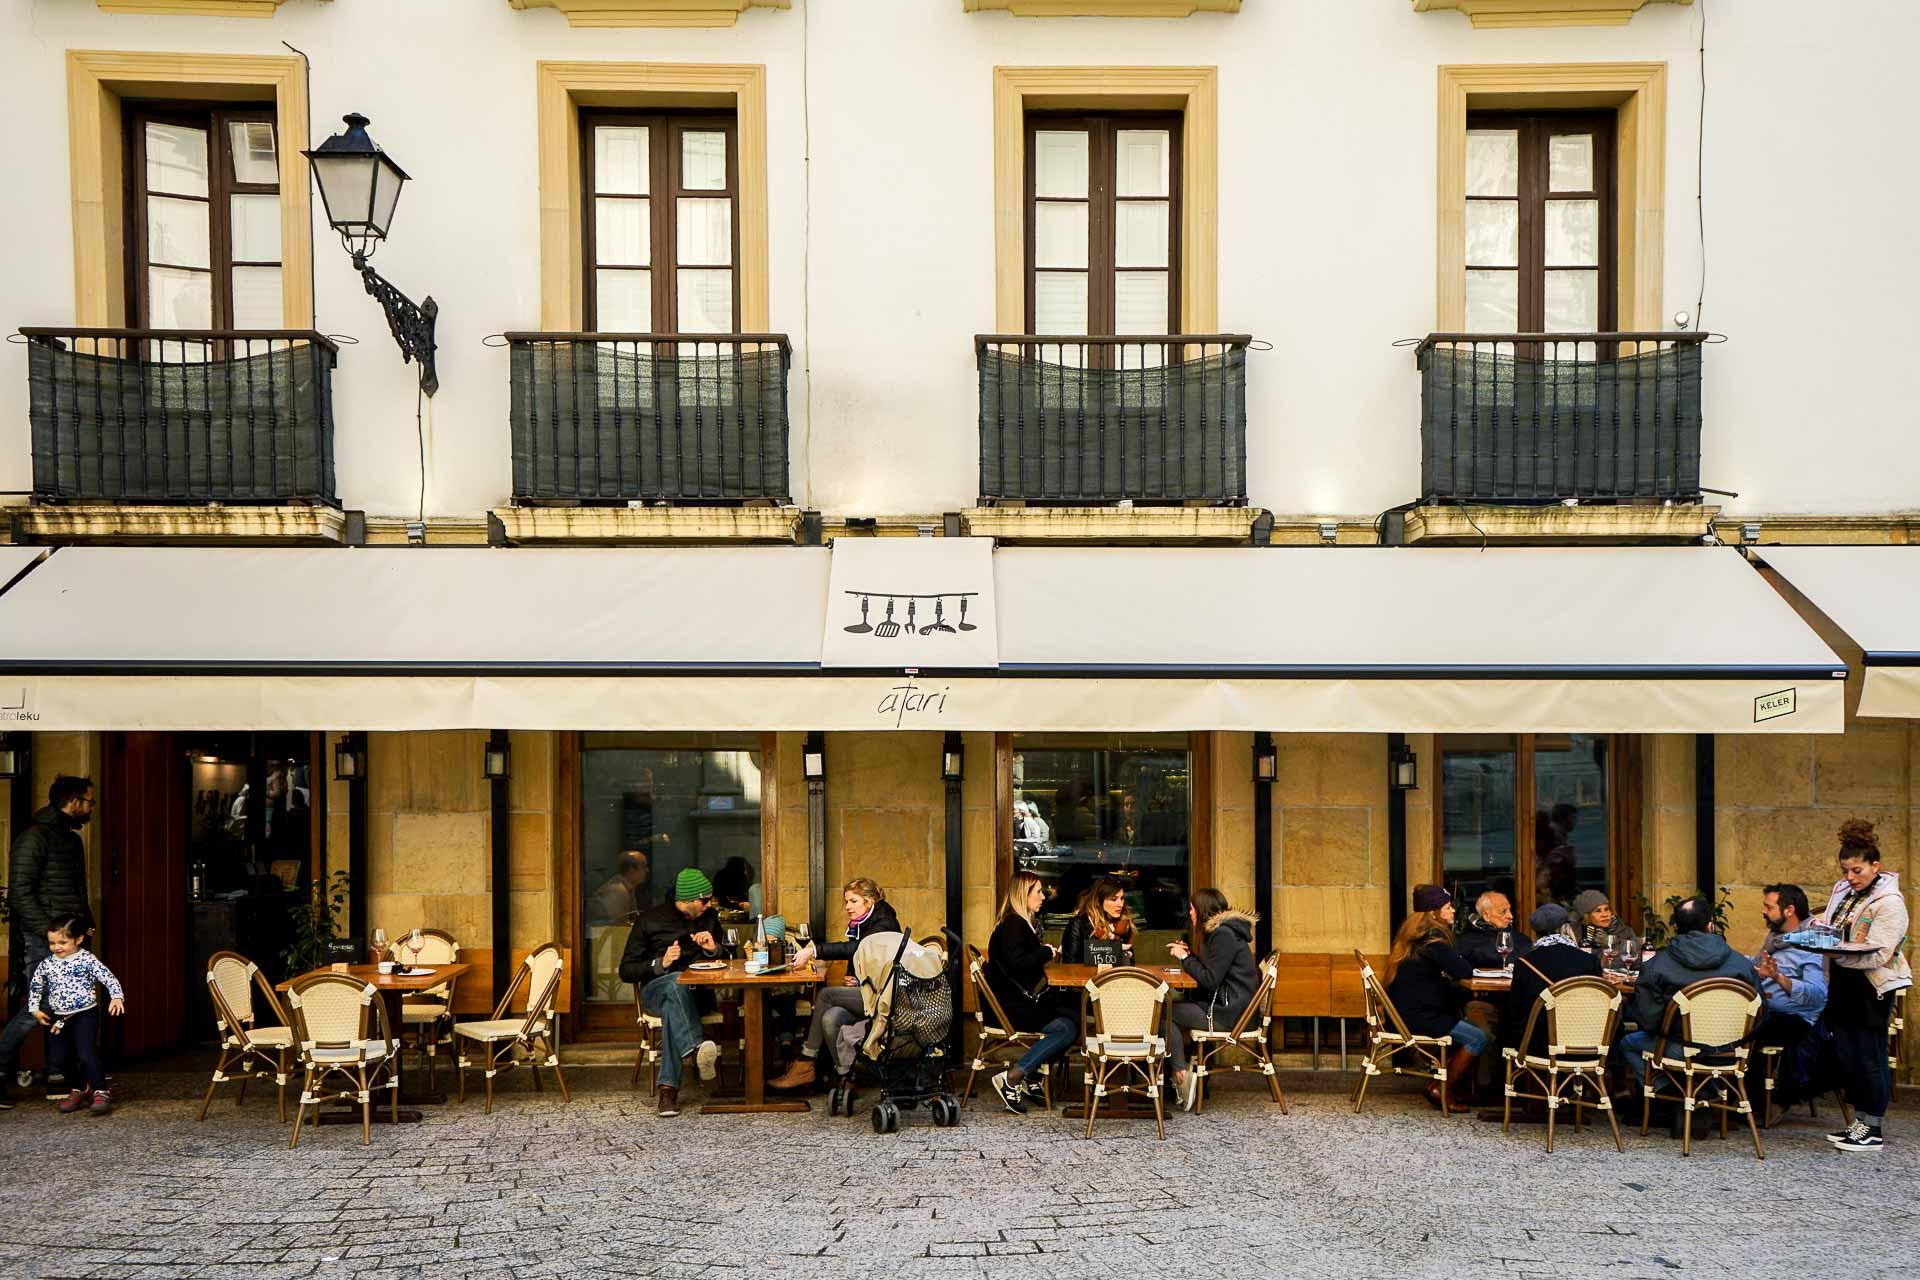 Les pintxos sont au Pays basque ce que les tapas sont à l'Espagne. Dans le centre historique de San Sebastián, on les trouve à tous les coins de rue. À l'occasion de notre récent passage dans la métropole basque, on a sélectionné pour vous les meilleurs bars à pintxos de la ville.